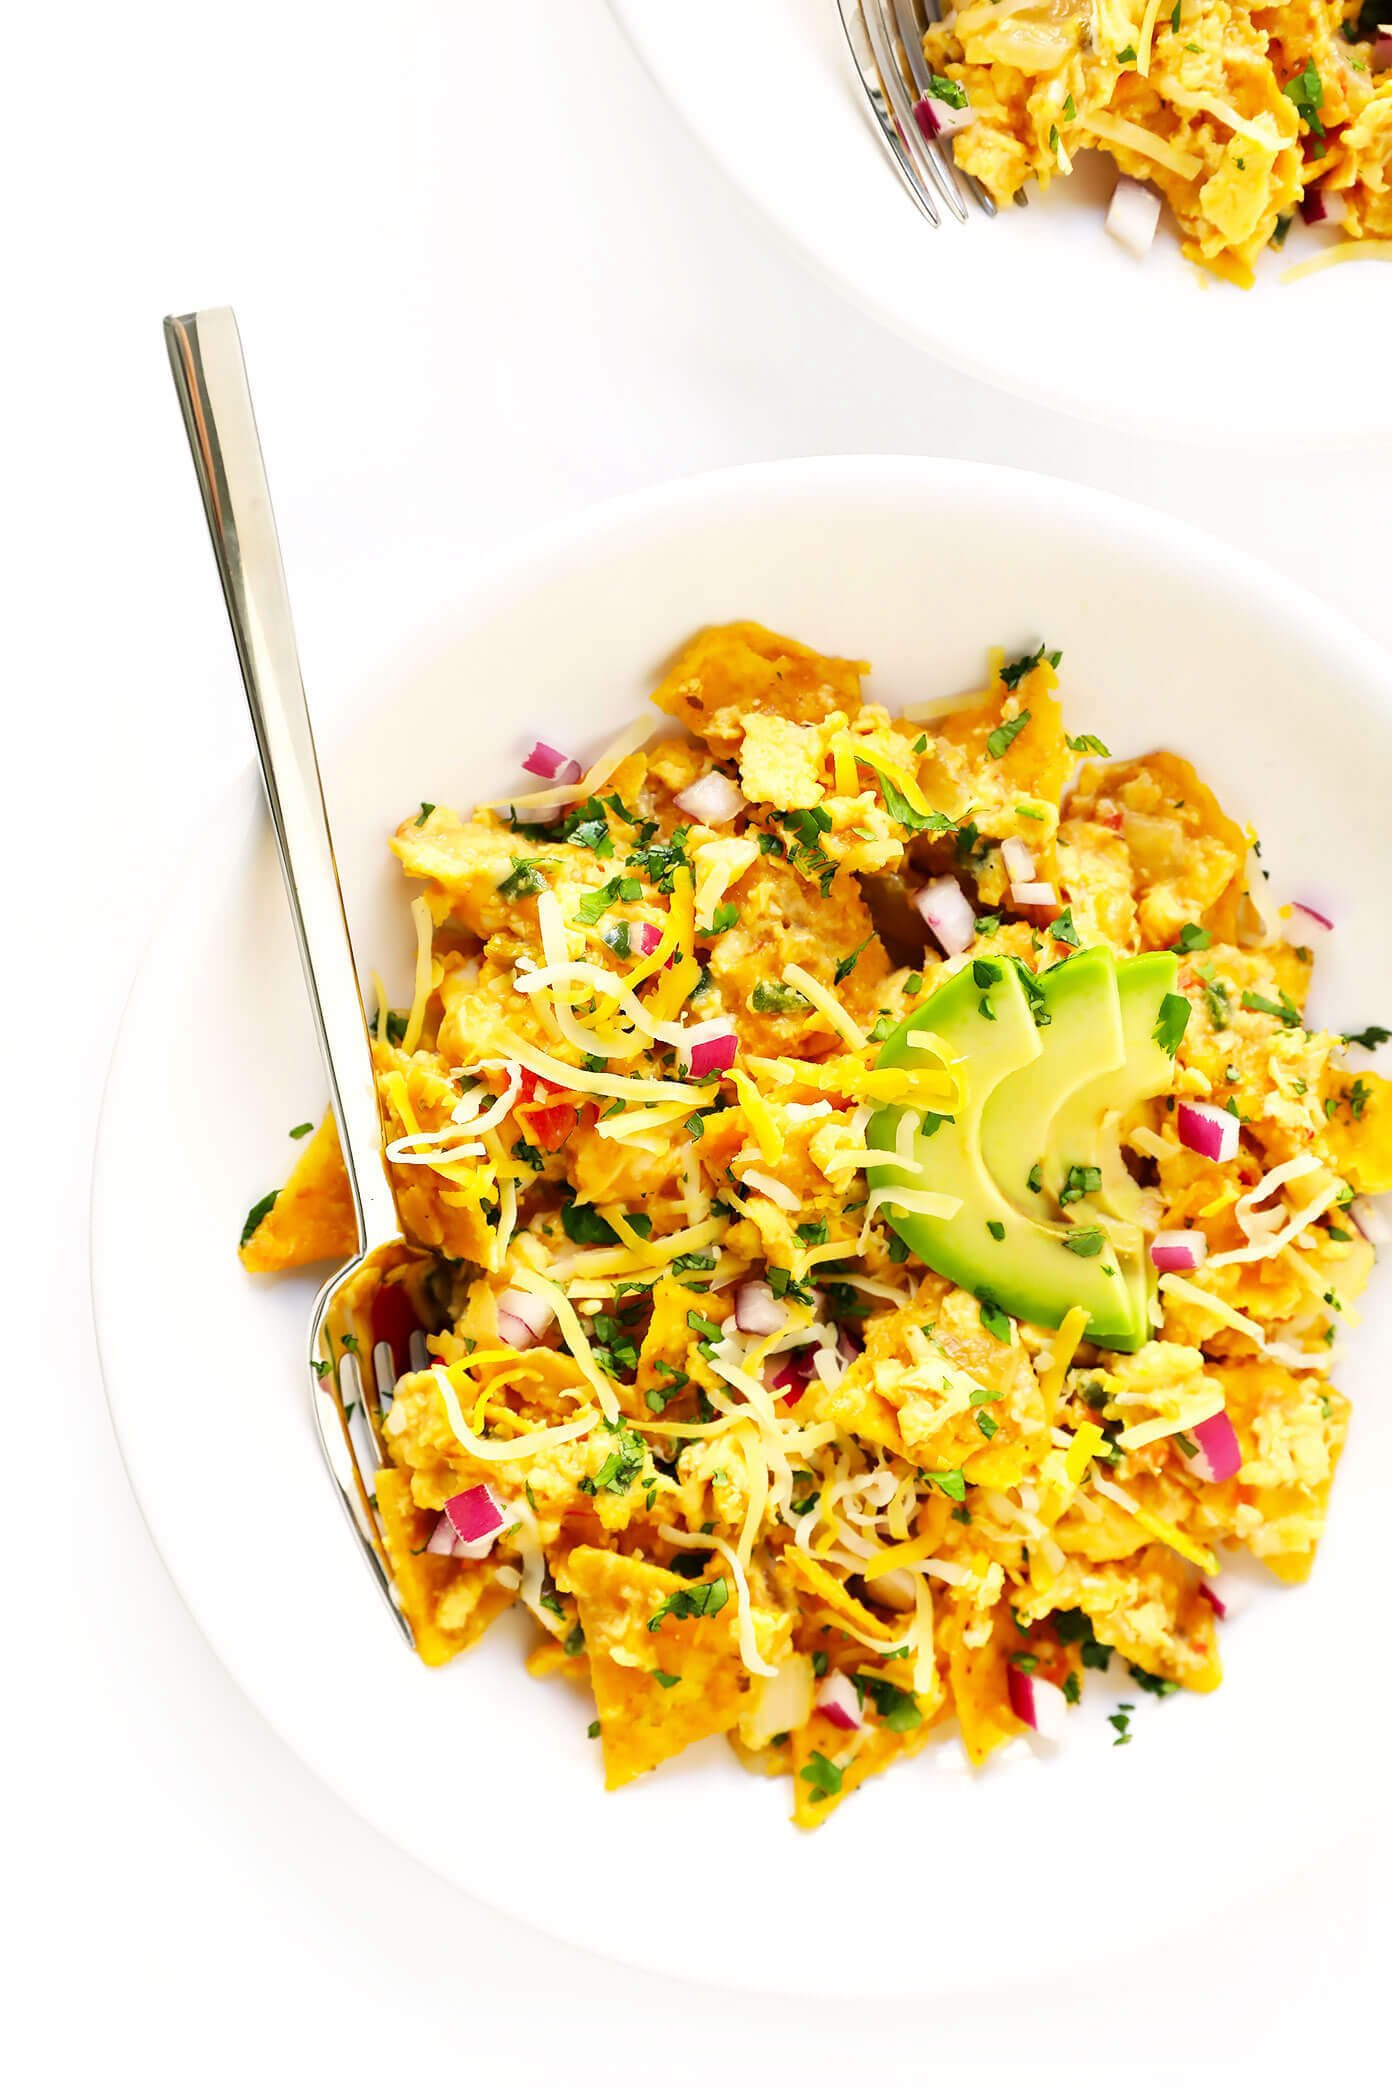 Tex-Mex Migas Recipe with Avocado